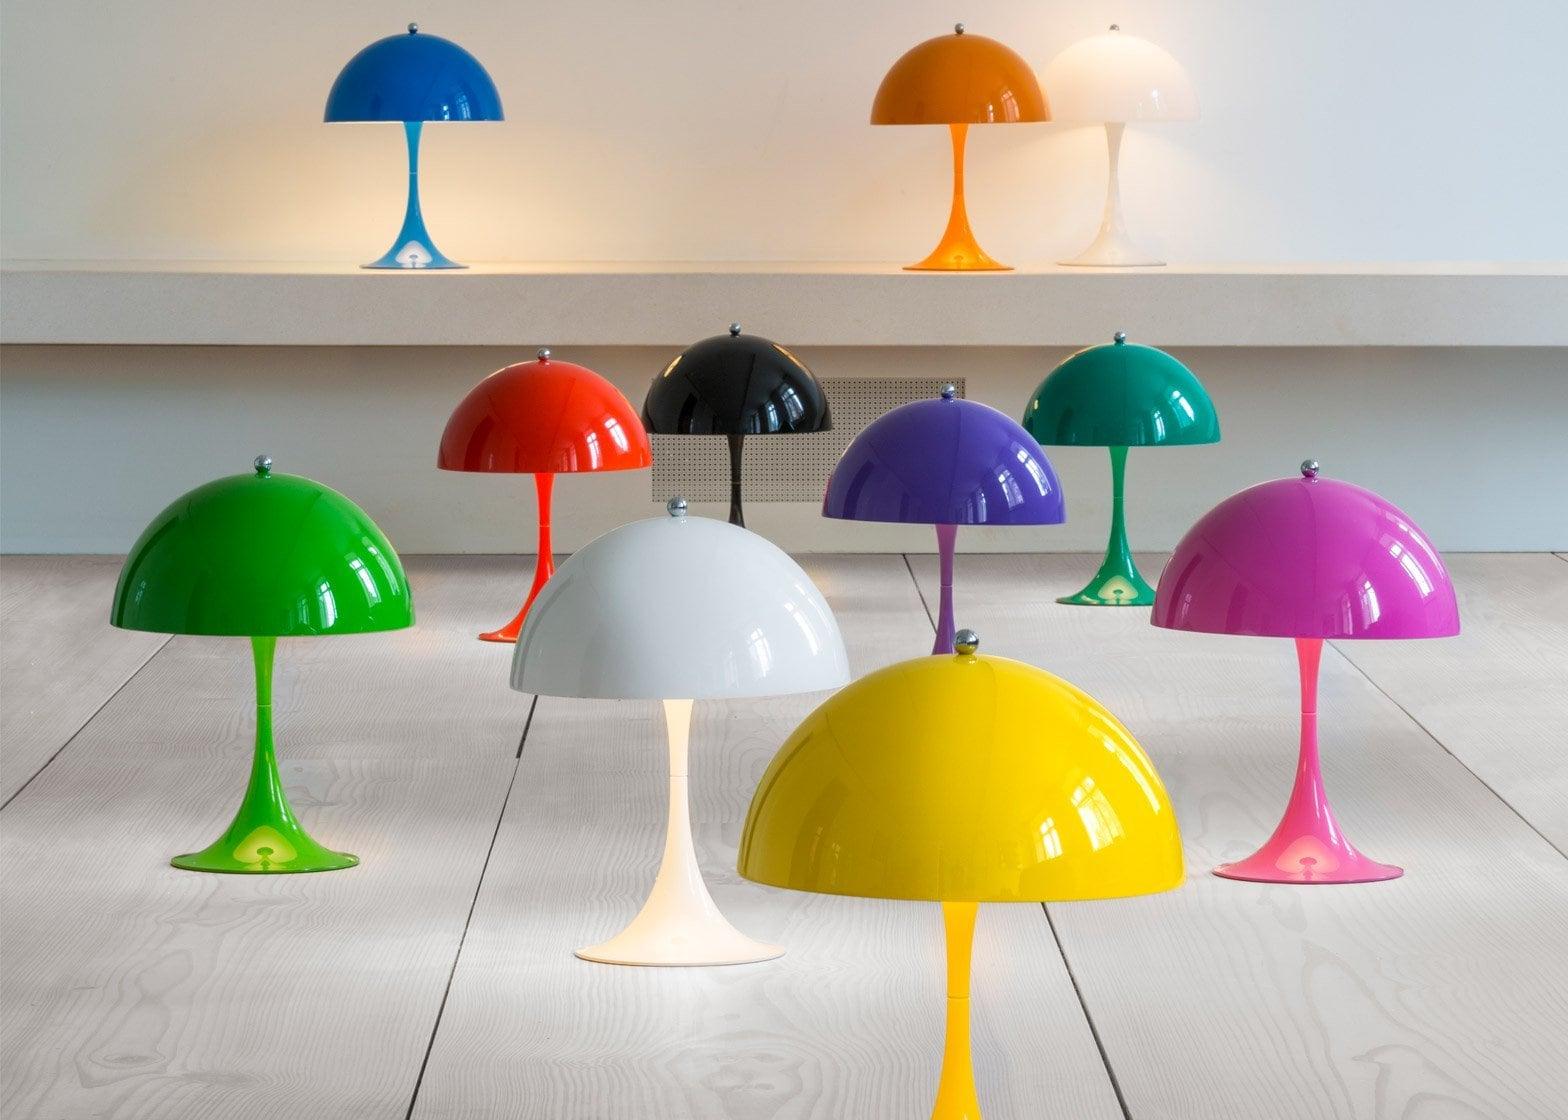 panthella-mini-verner-panton-louis-poulsen-lamp-lighting-design-furniture_dezeen_1568_2-2